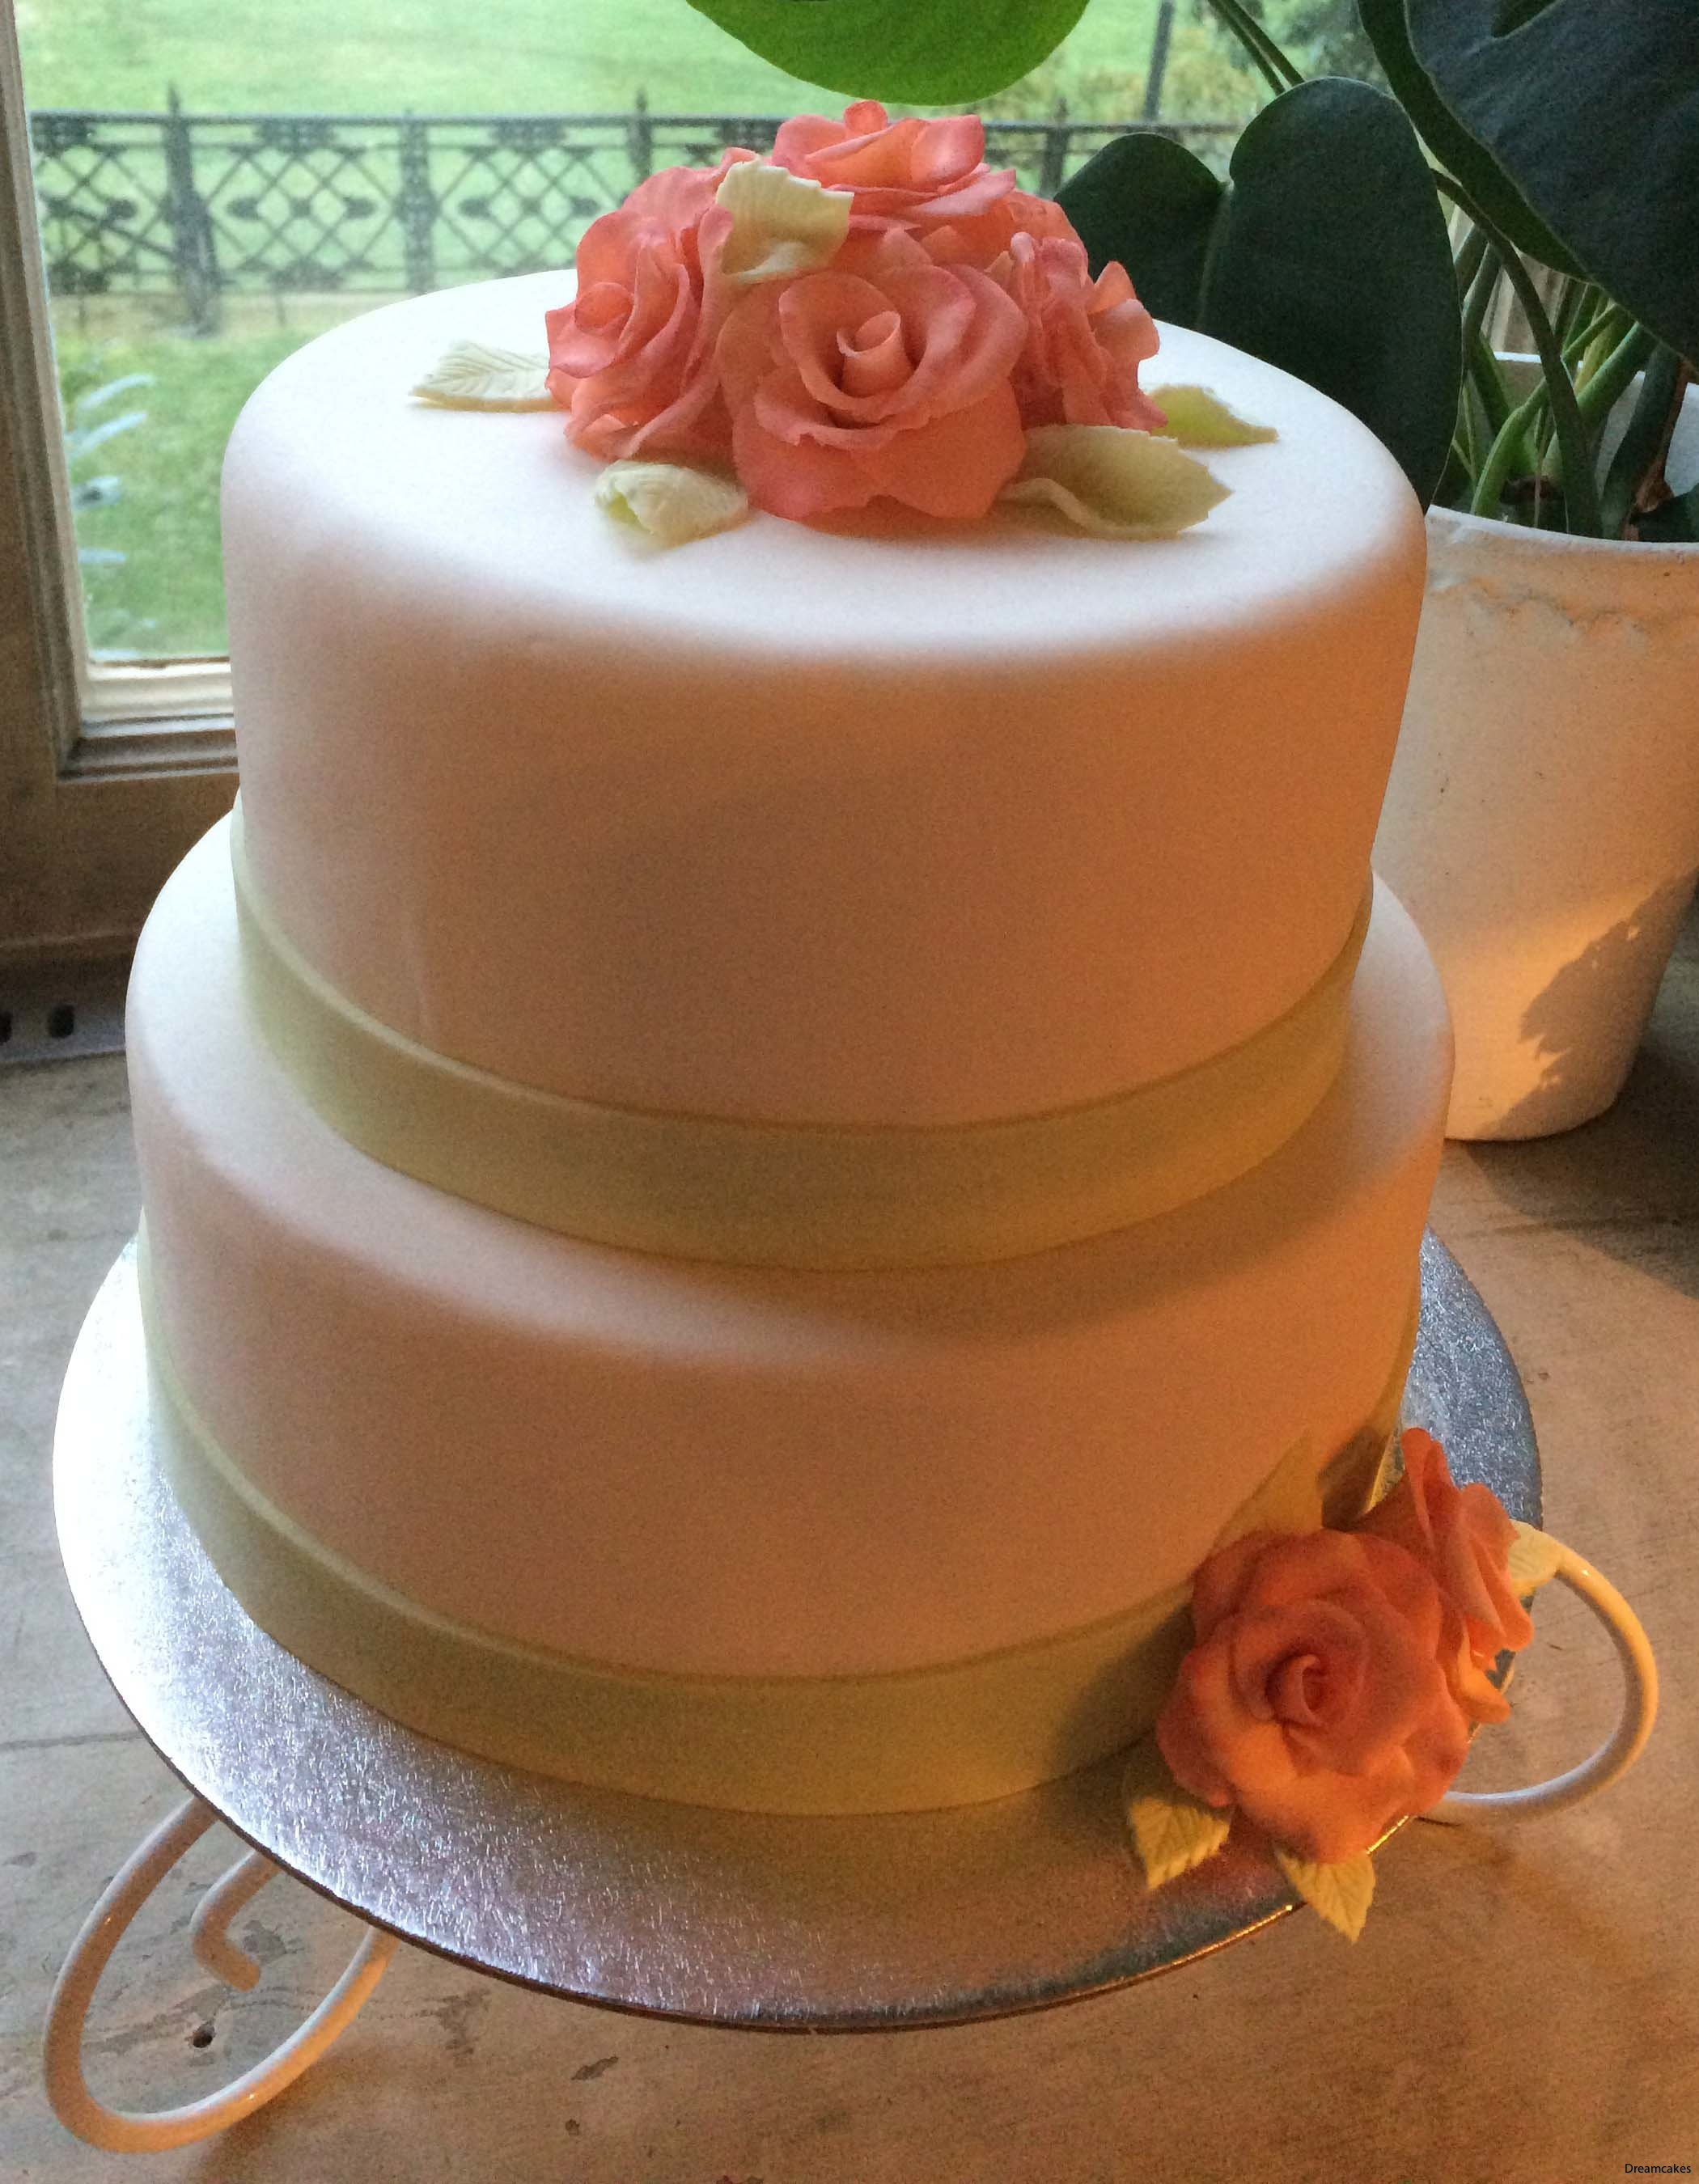 7d6c4479b2c3 Våningstårta till bröllopet med apricosrosa rosor och gröna detaljer.  Tårtan är klädd i sockerpasta.